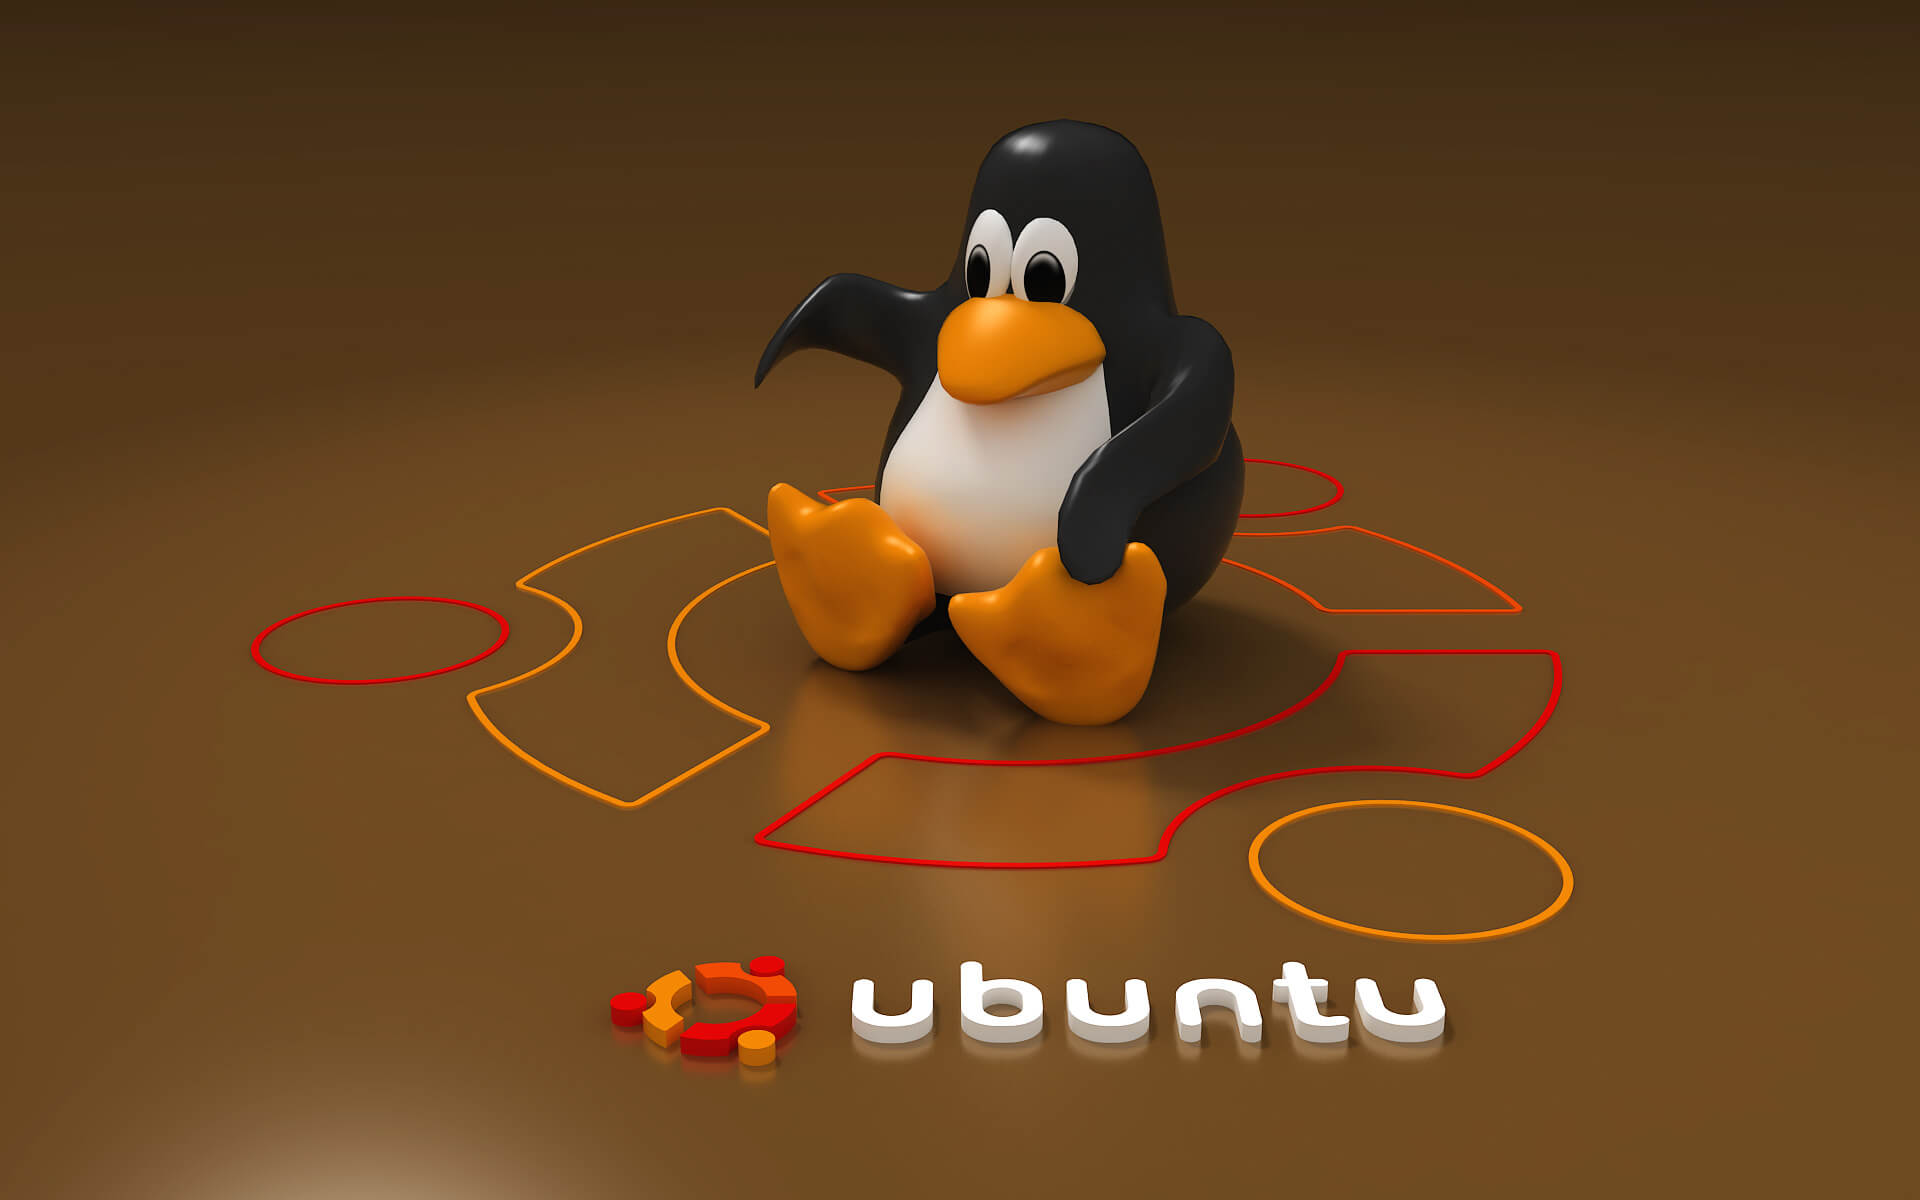 Ubuntu dosya hatası